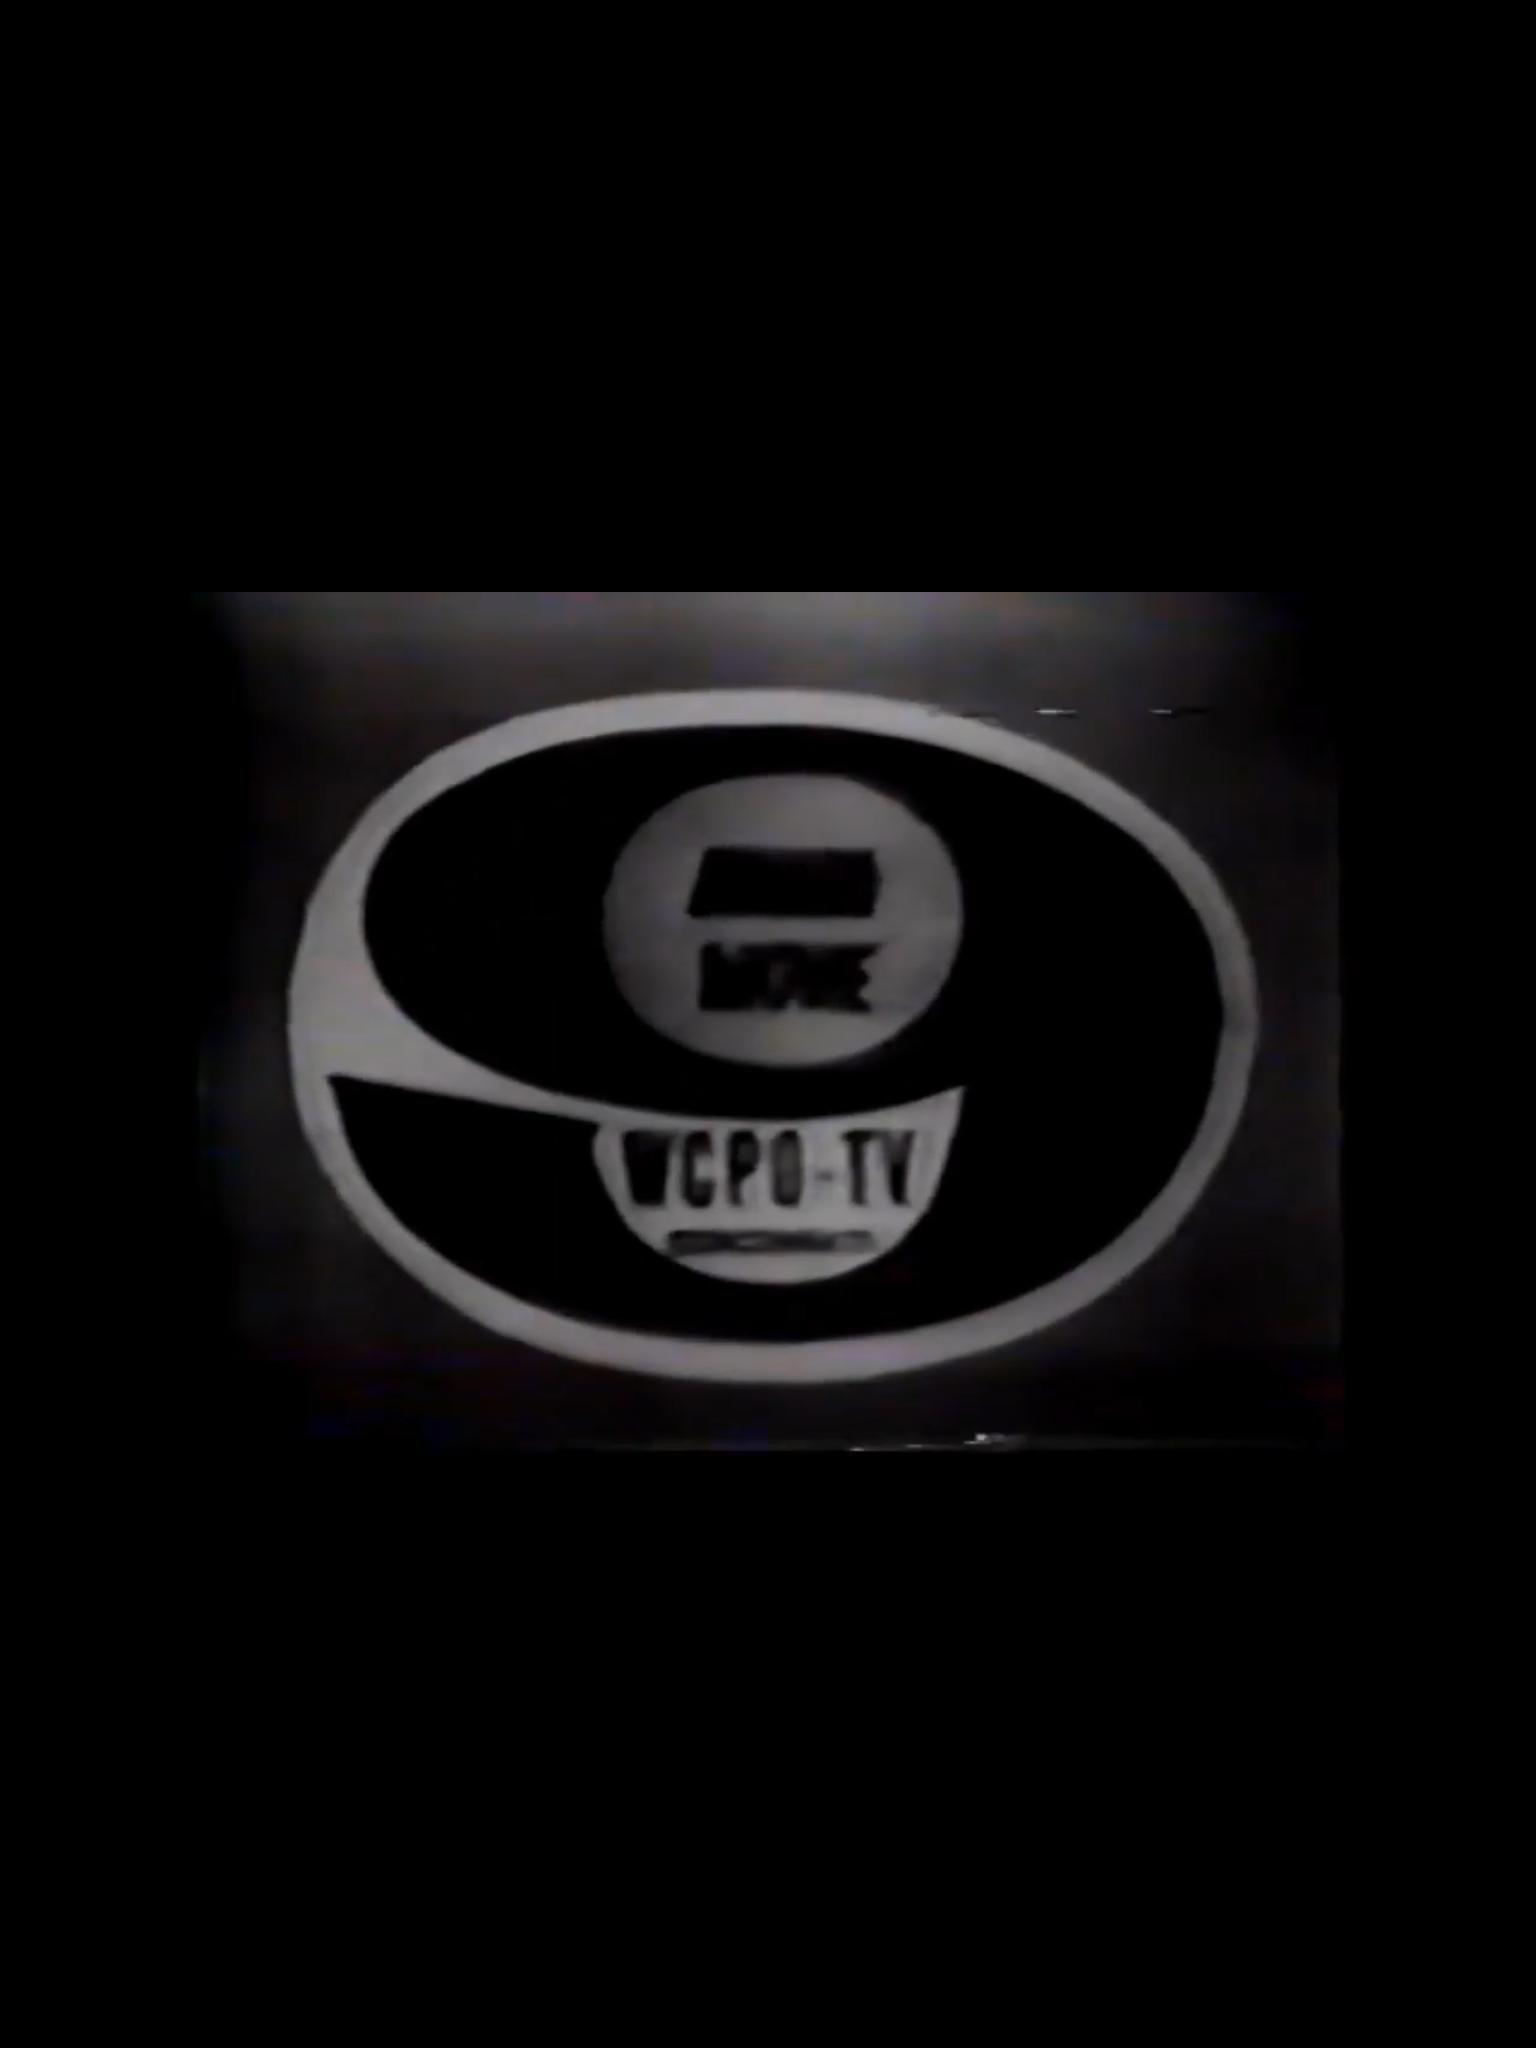 WCPO-TV